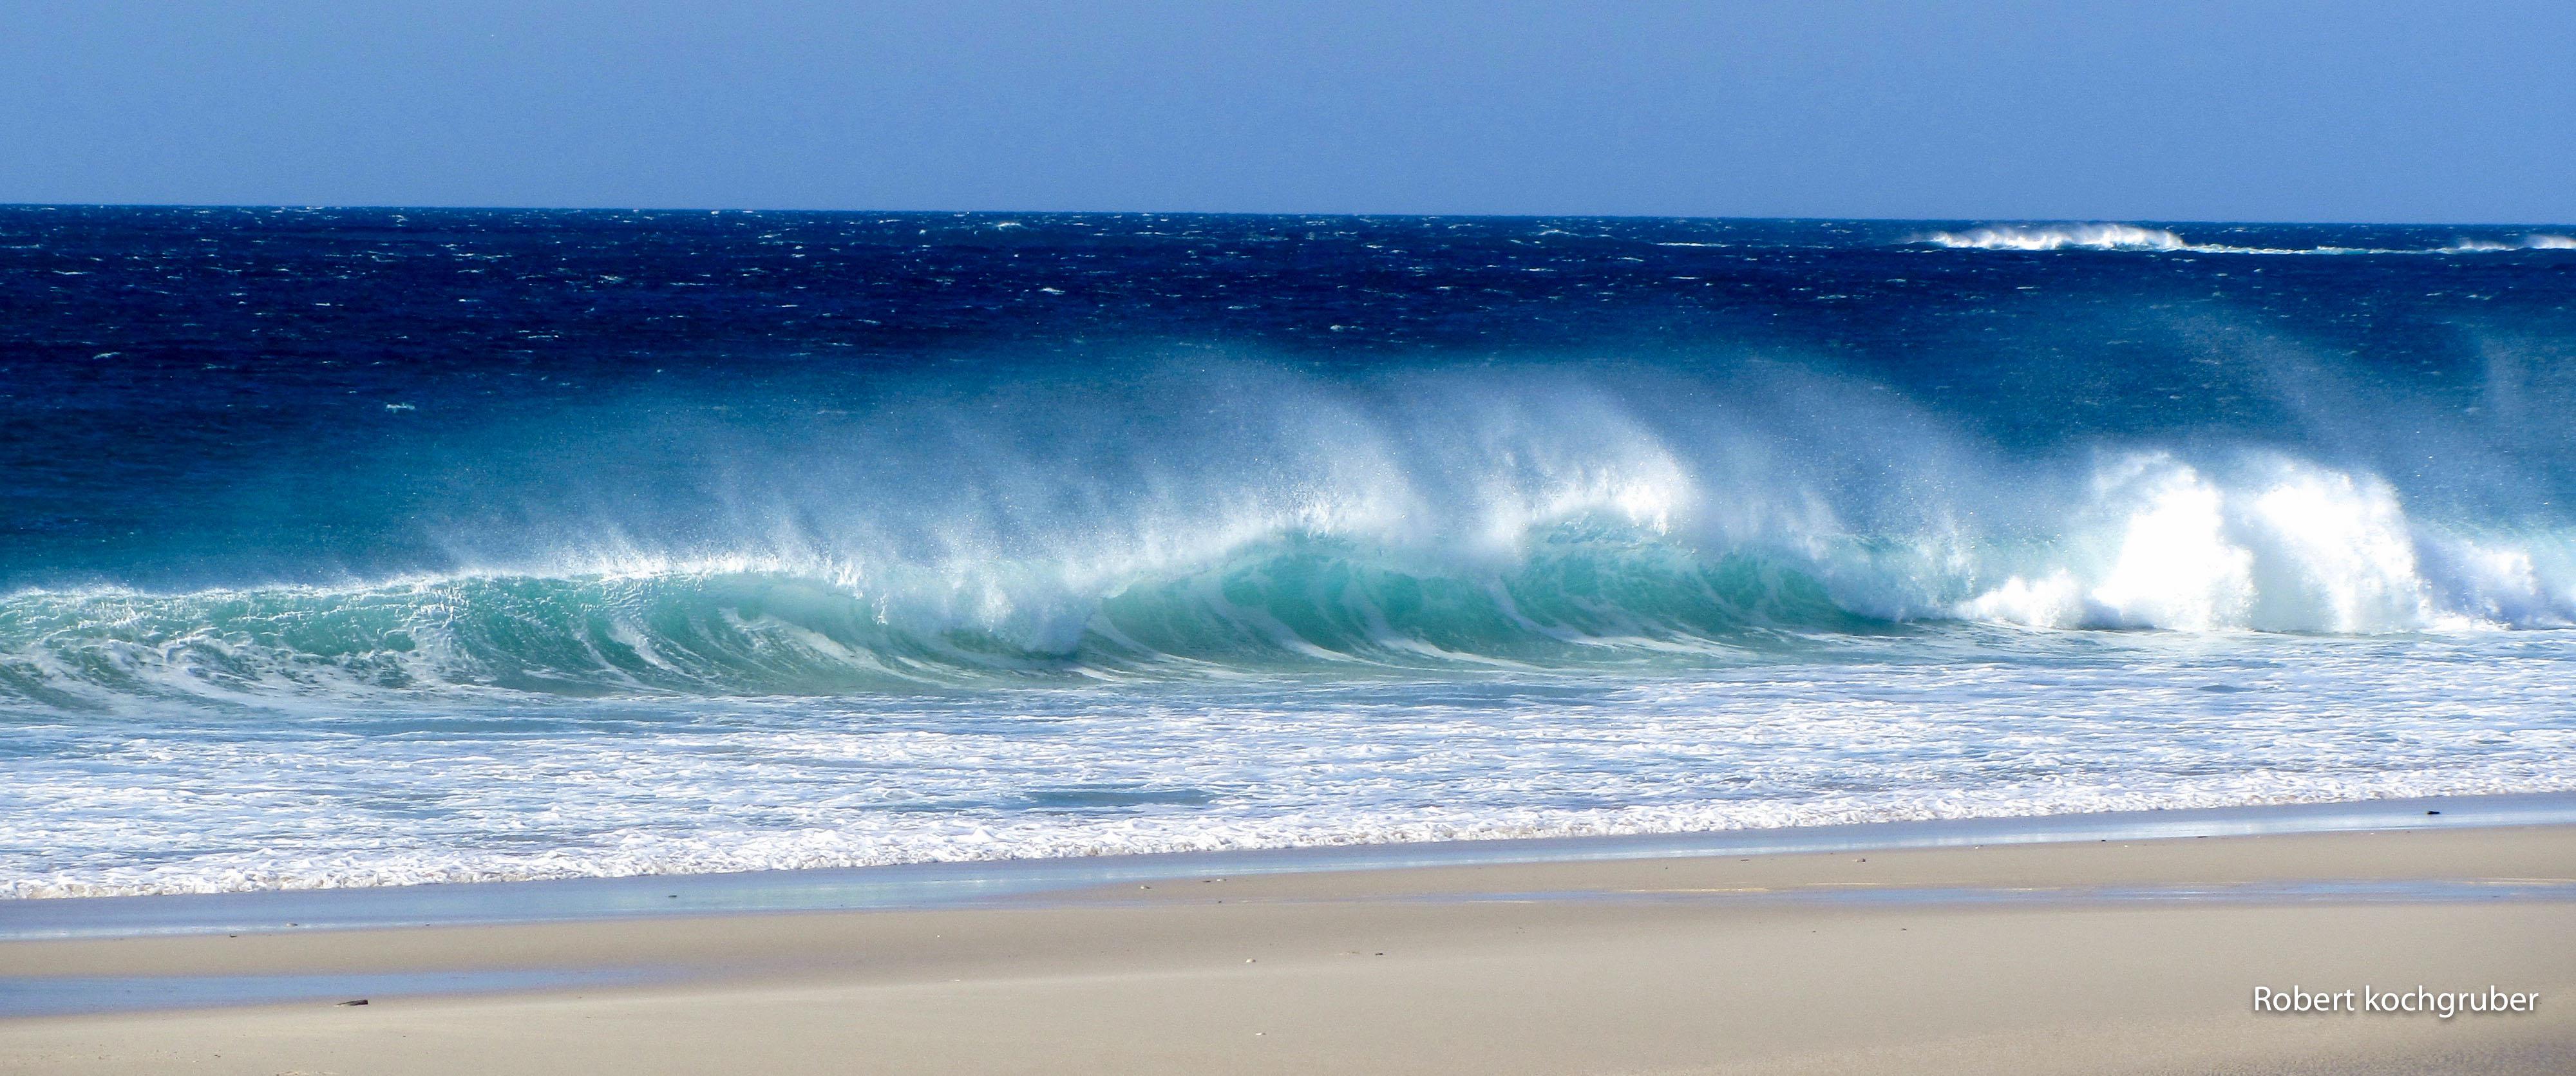 Praia-de-louro-strand-gischtwellen-galicien-spanien-winterreisen-mit-dem-wohnmobil